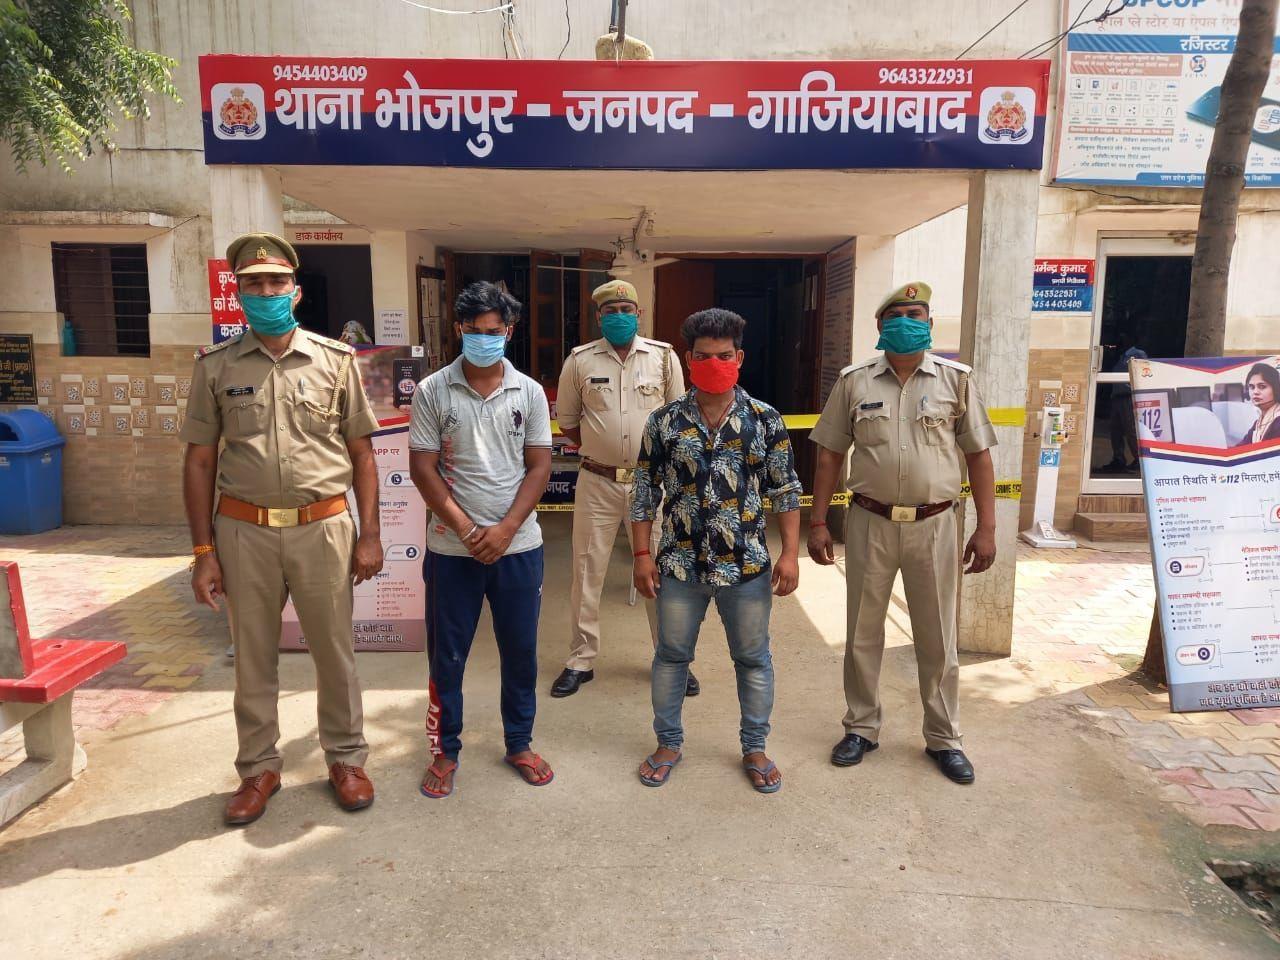 गाजियाबाद के थाना भोजपुर में दो वाहन चोर गिरफ्तार